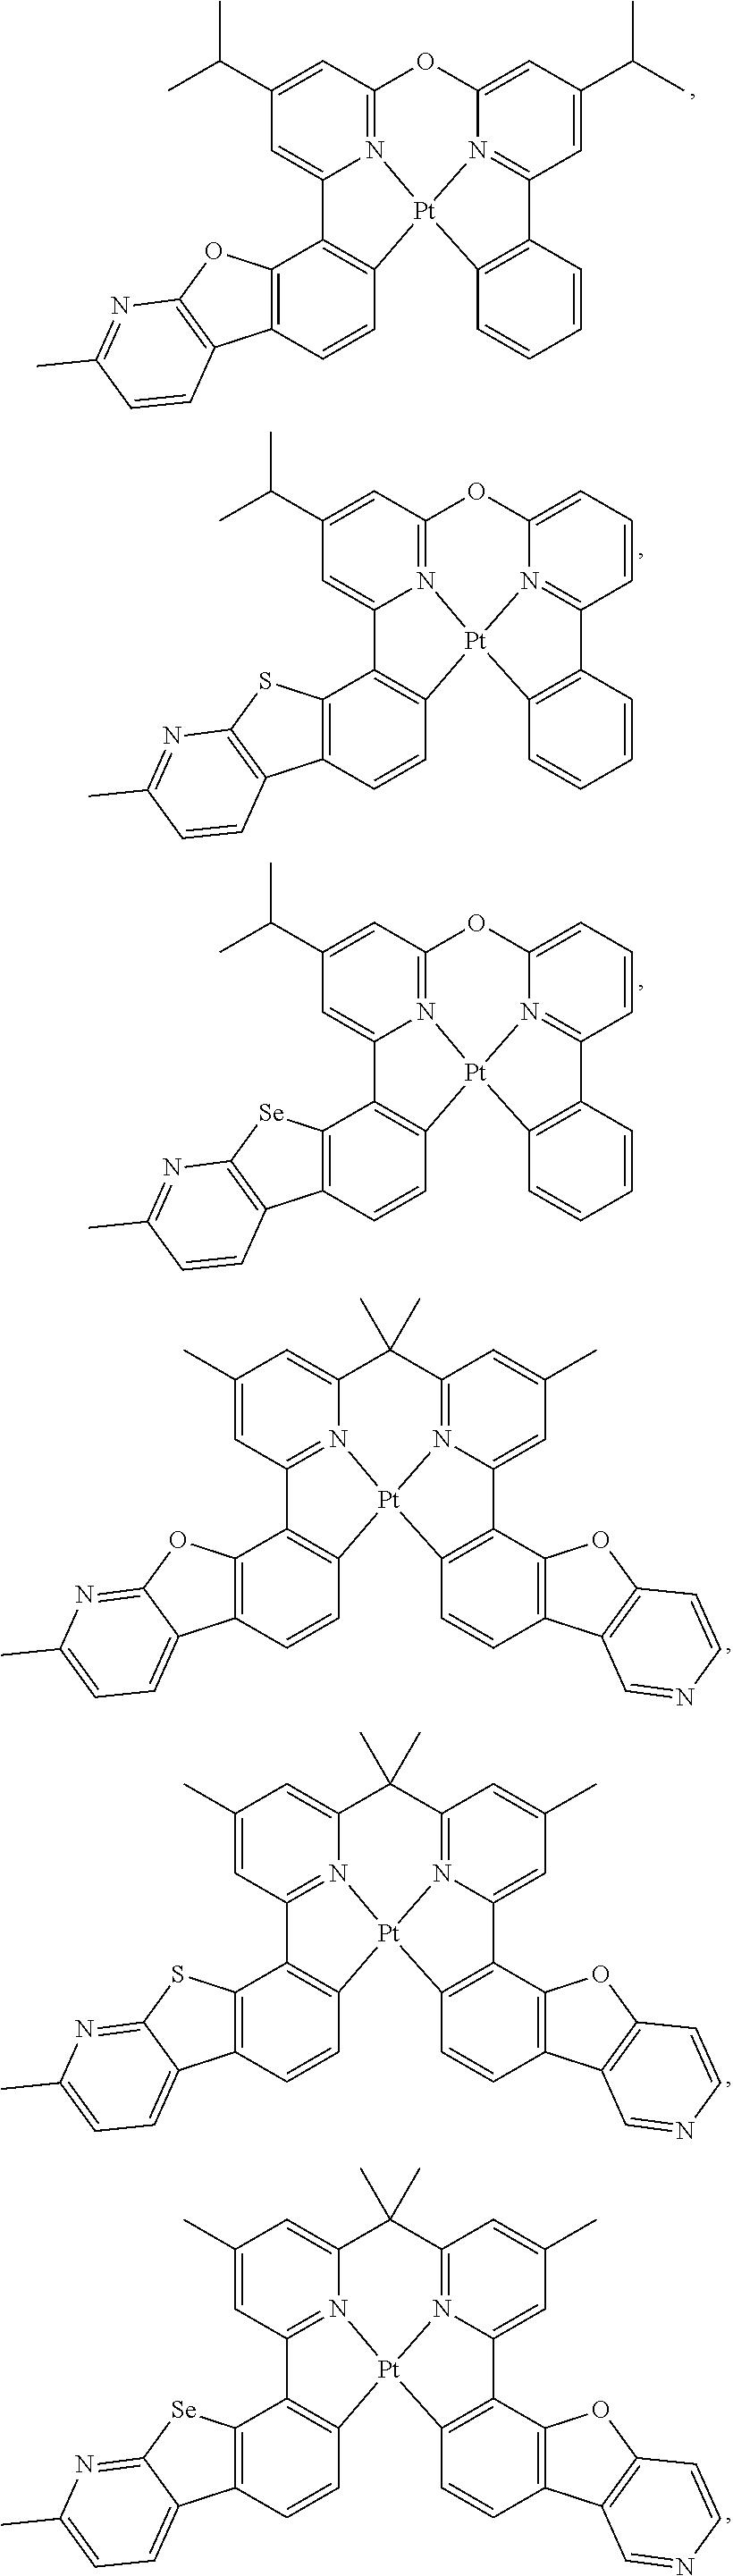 Figure US09871214-20180116-C00041